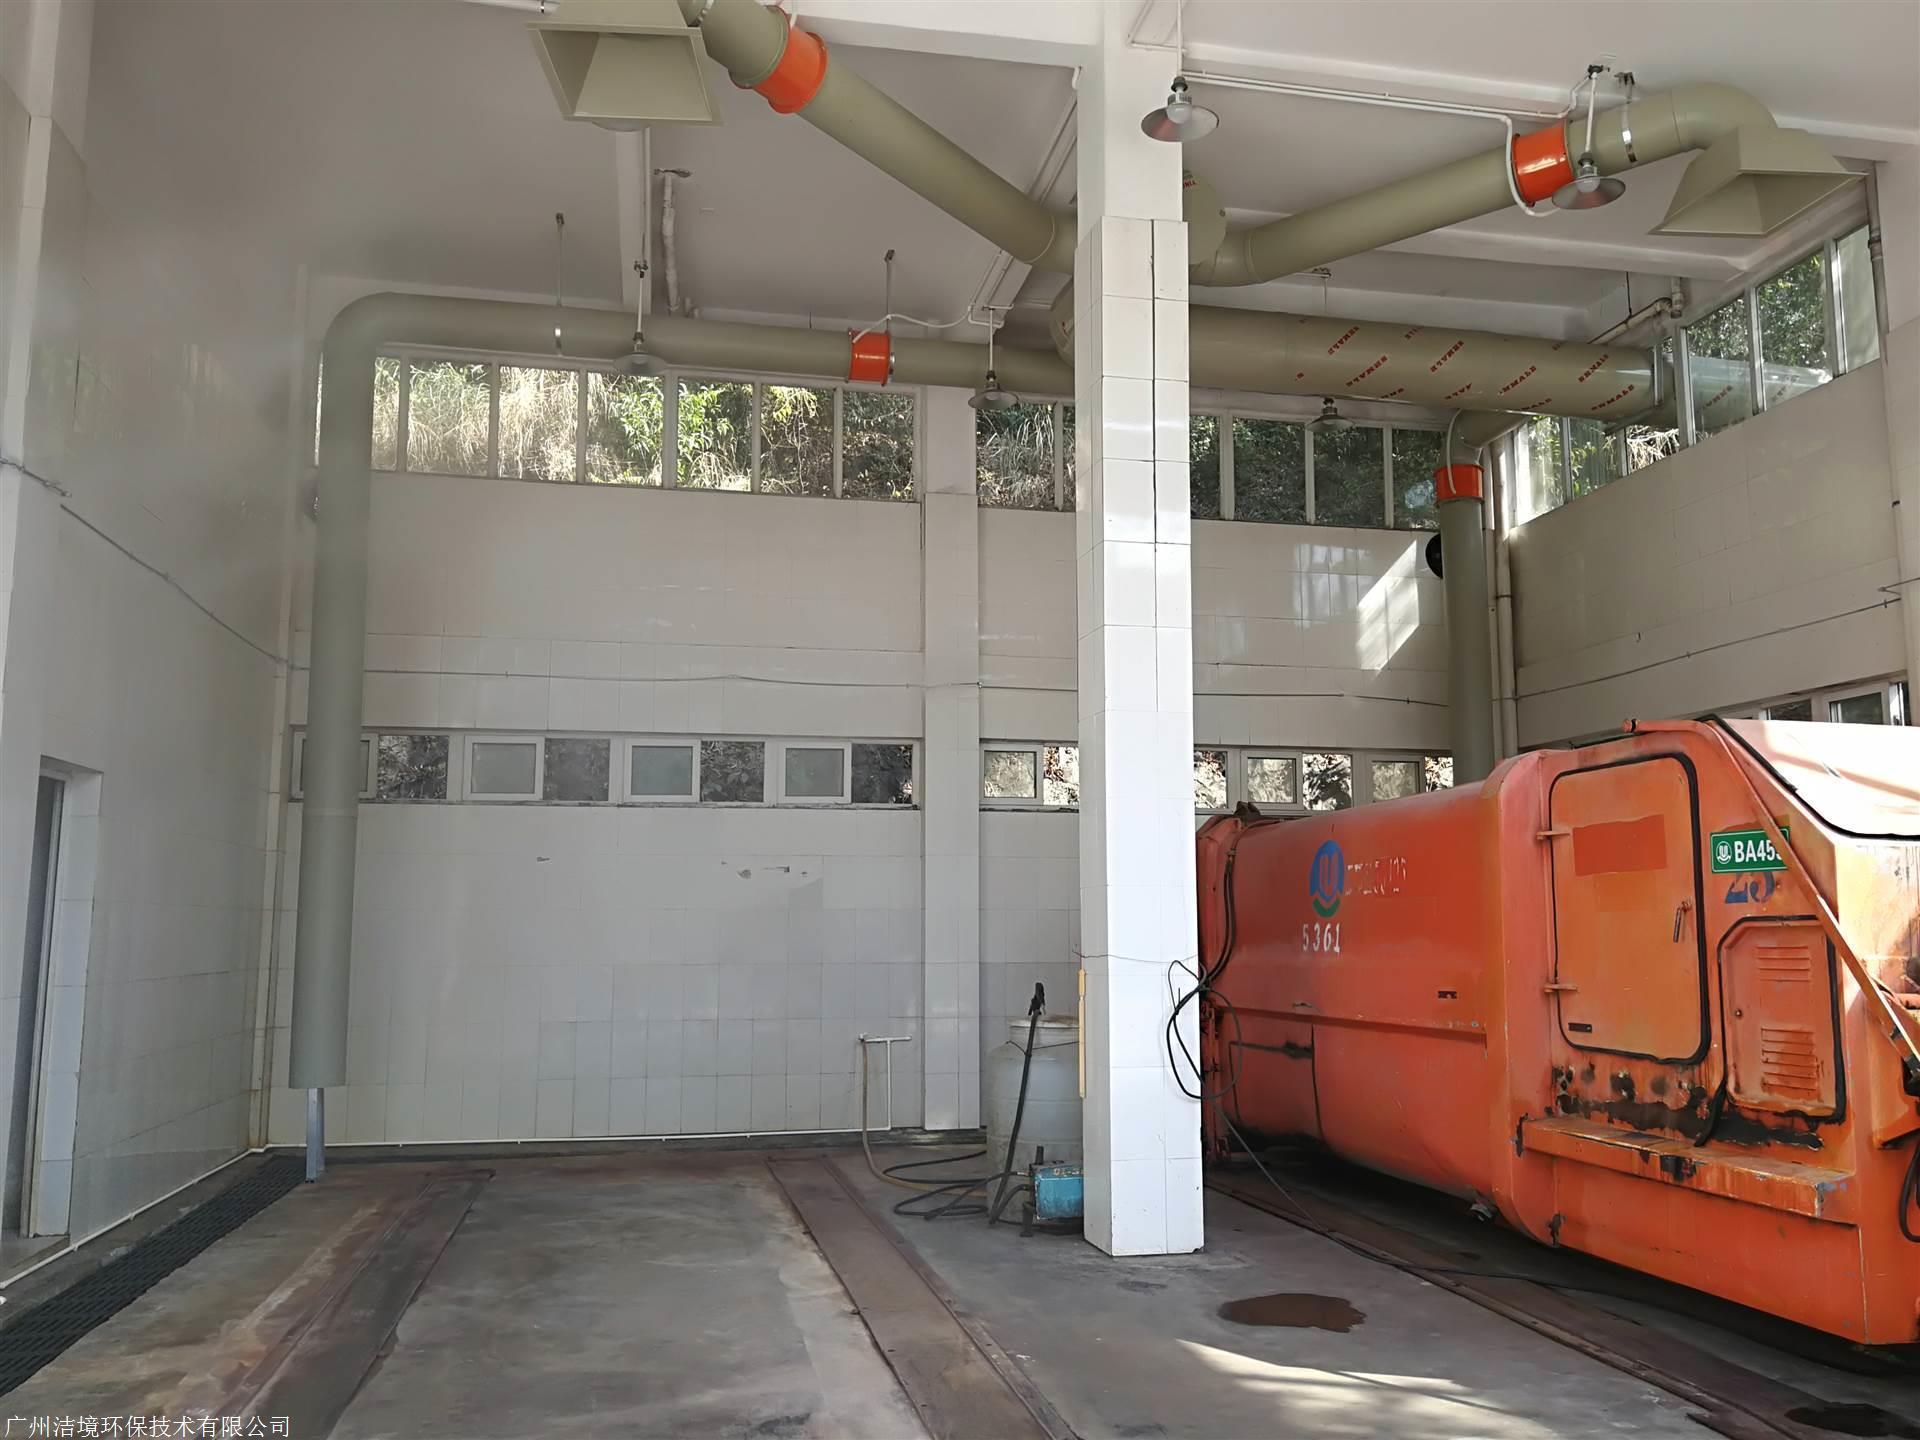 深圳市垃圾壓縮站除臭系統 垃圾站除臭設備